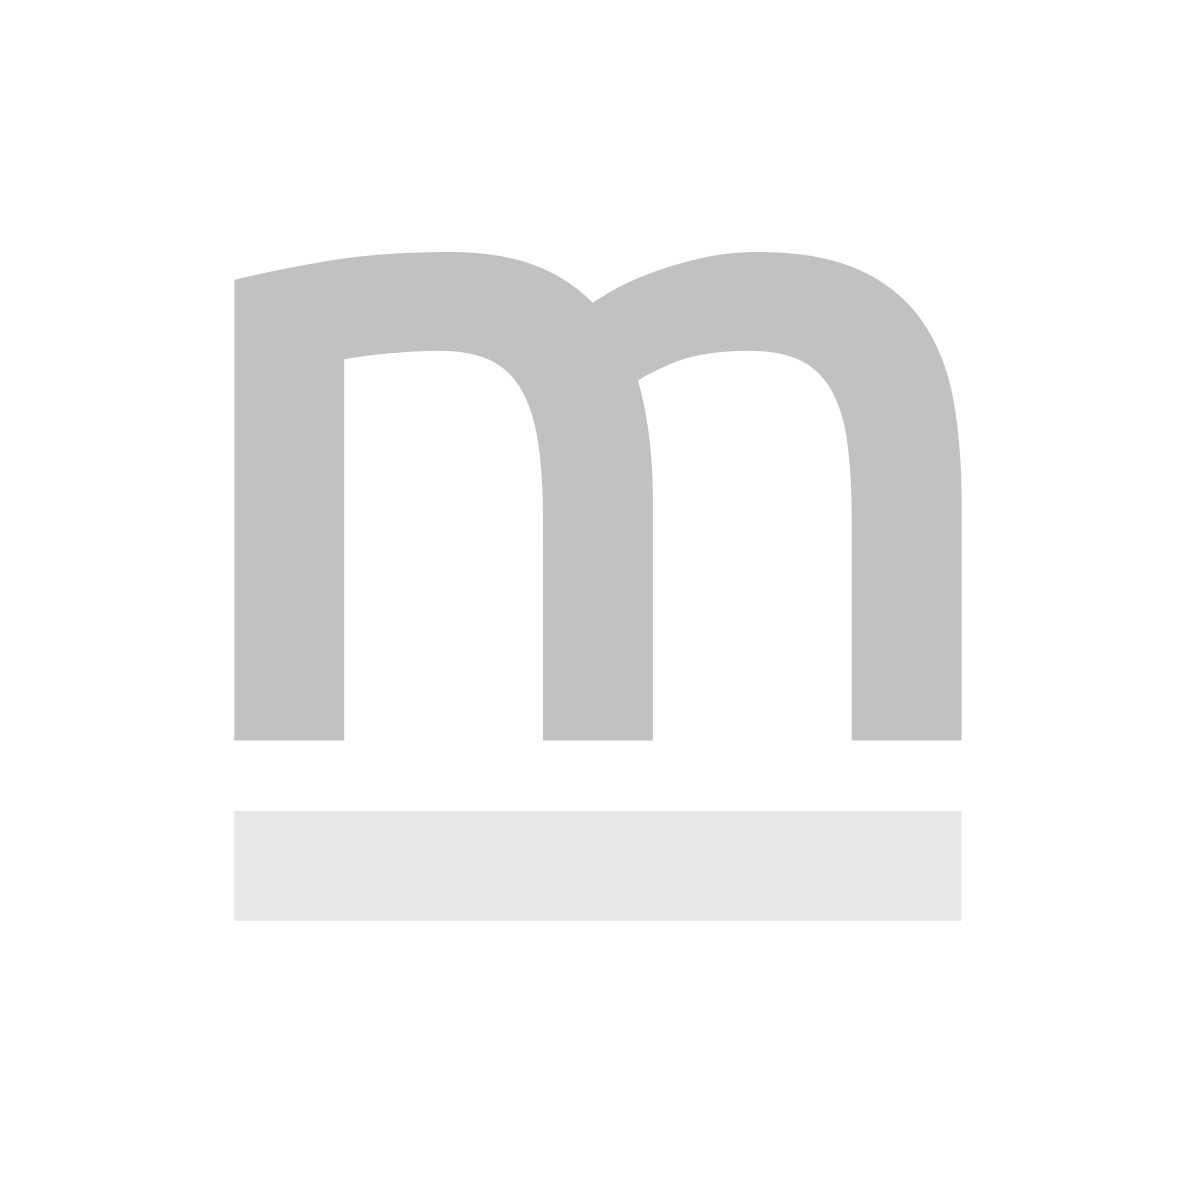 Fototapeta - Wyjście z jaskini